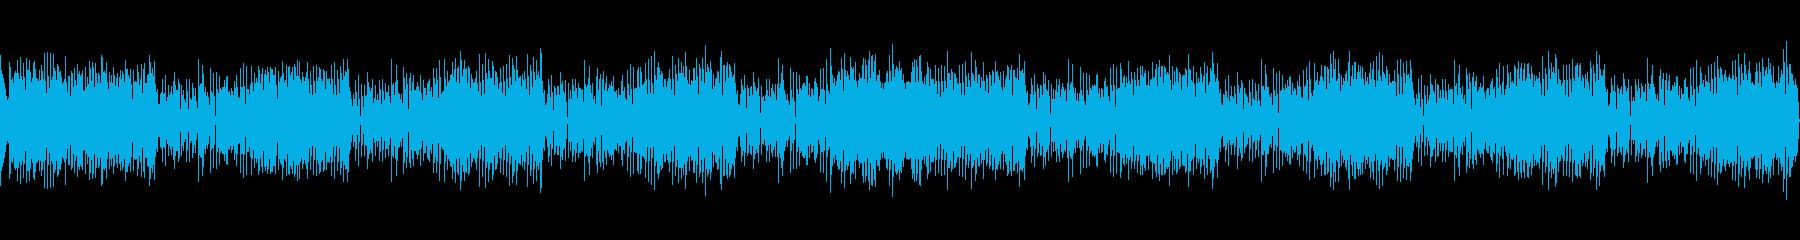 高音質ロックテイストホーンセクションの再生済みの波形